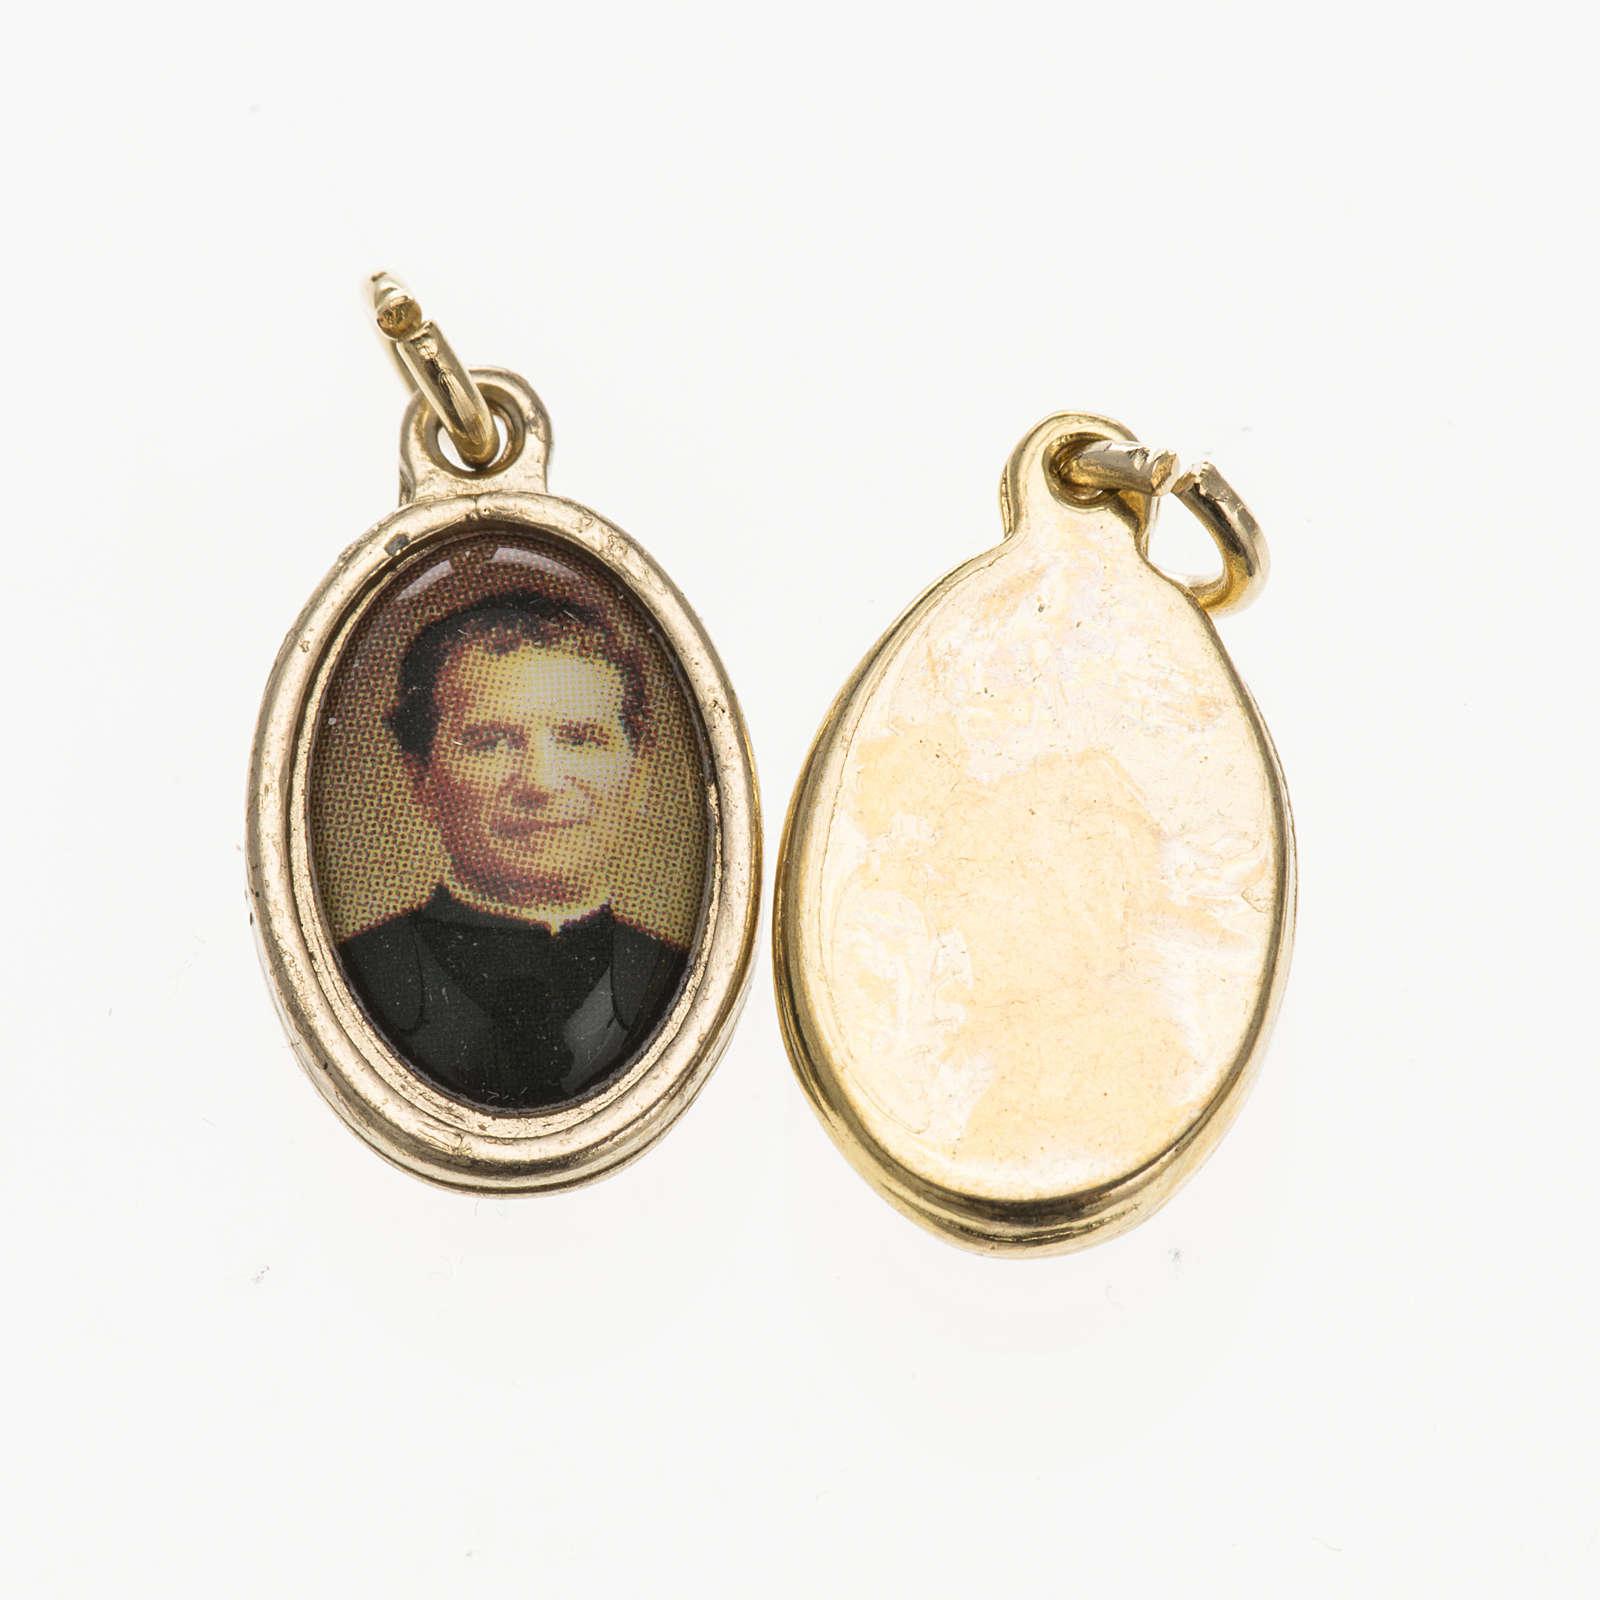 Medaglia Don Bosco metallo 4